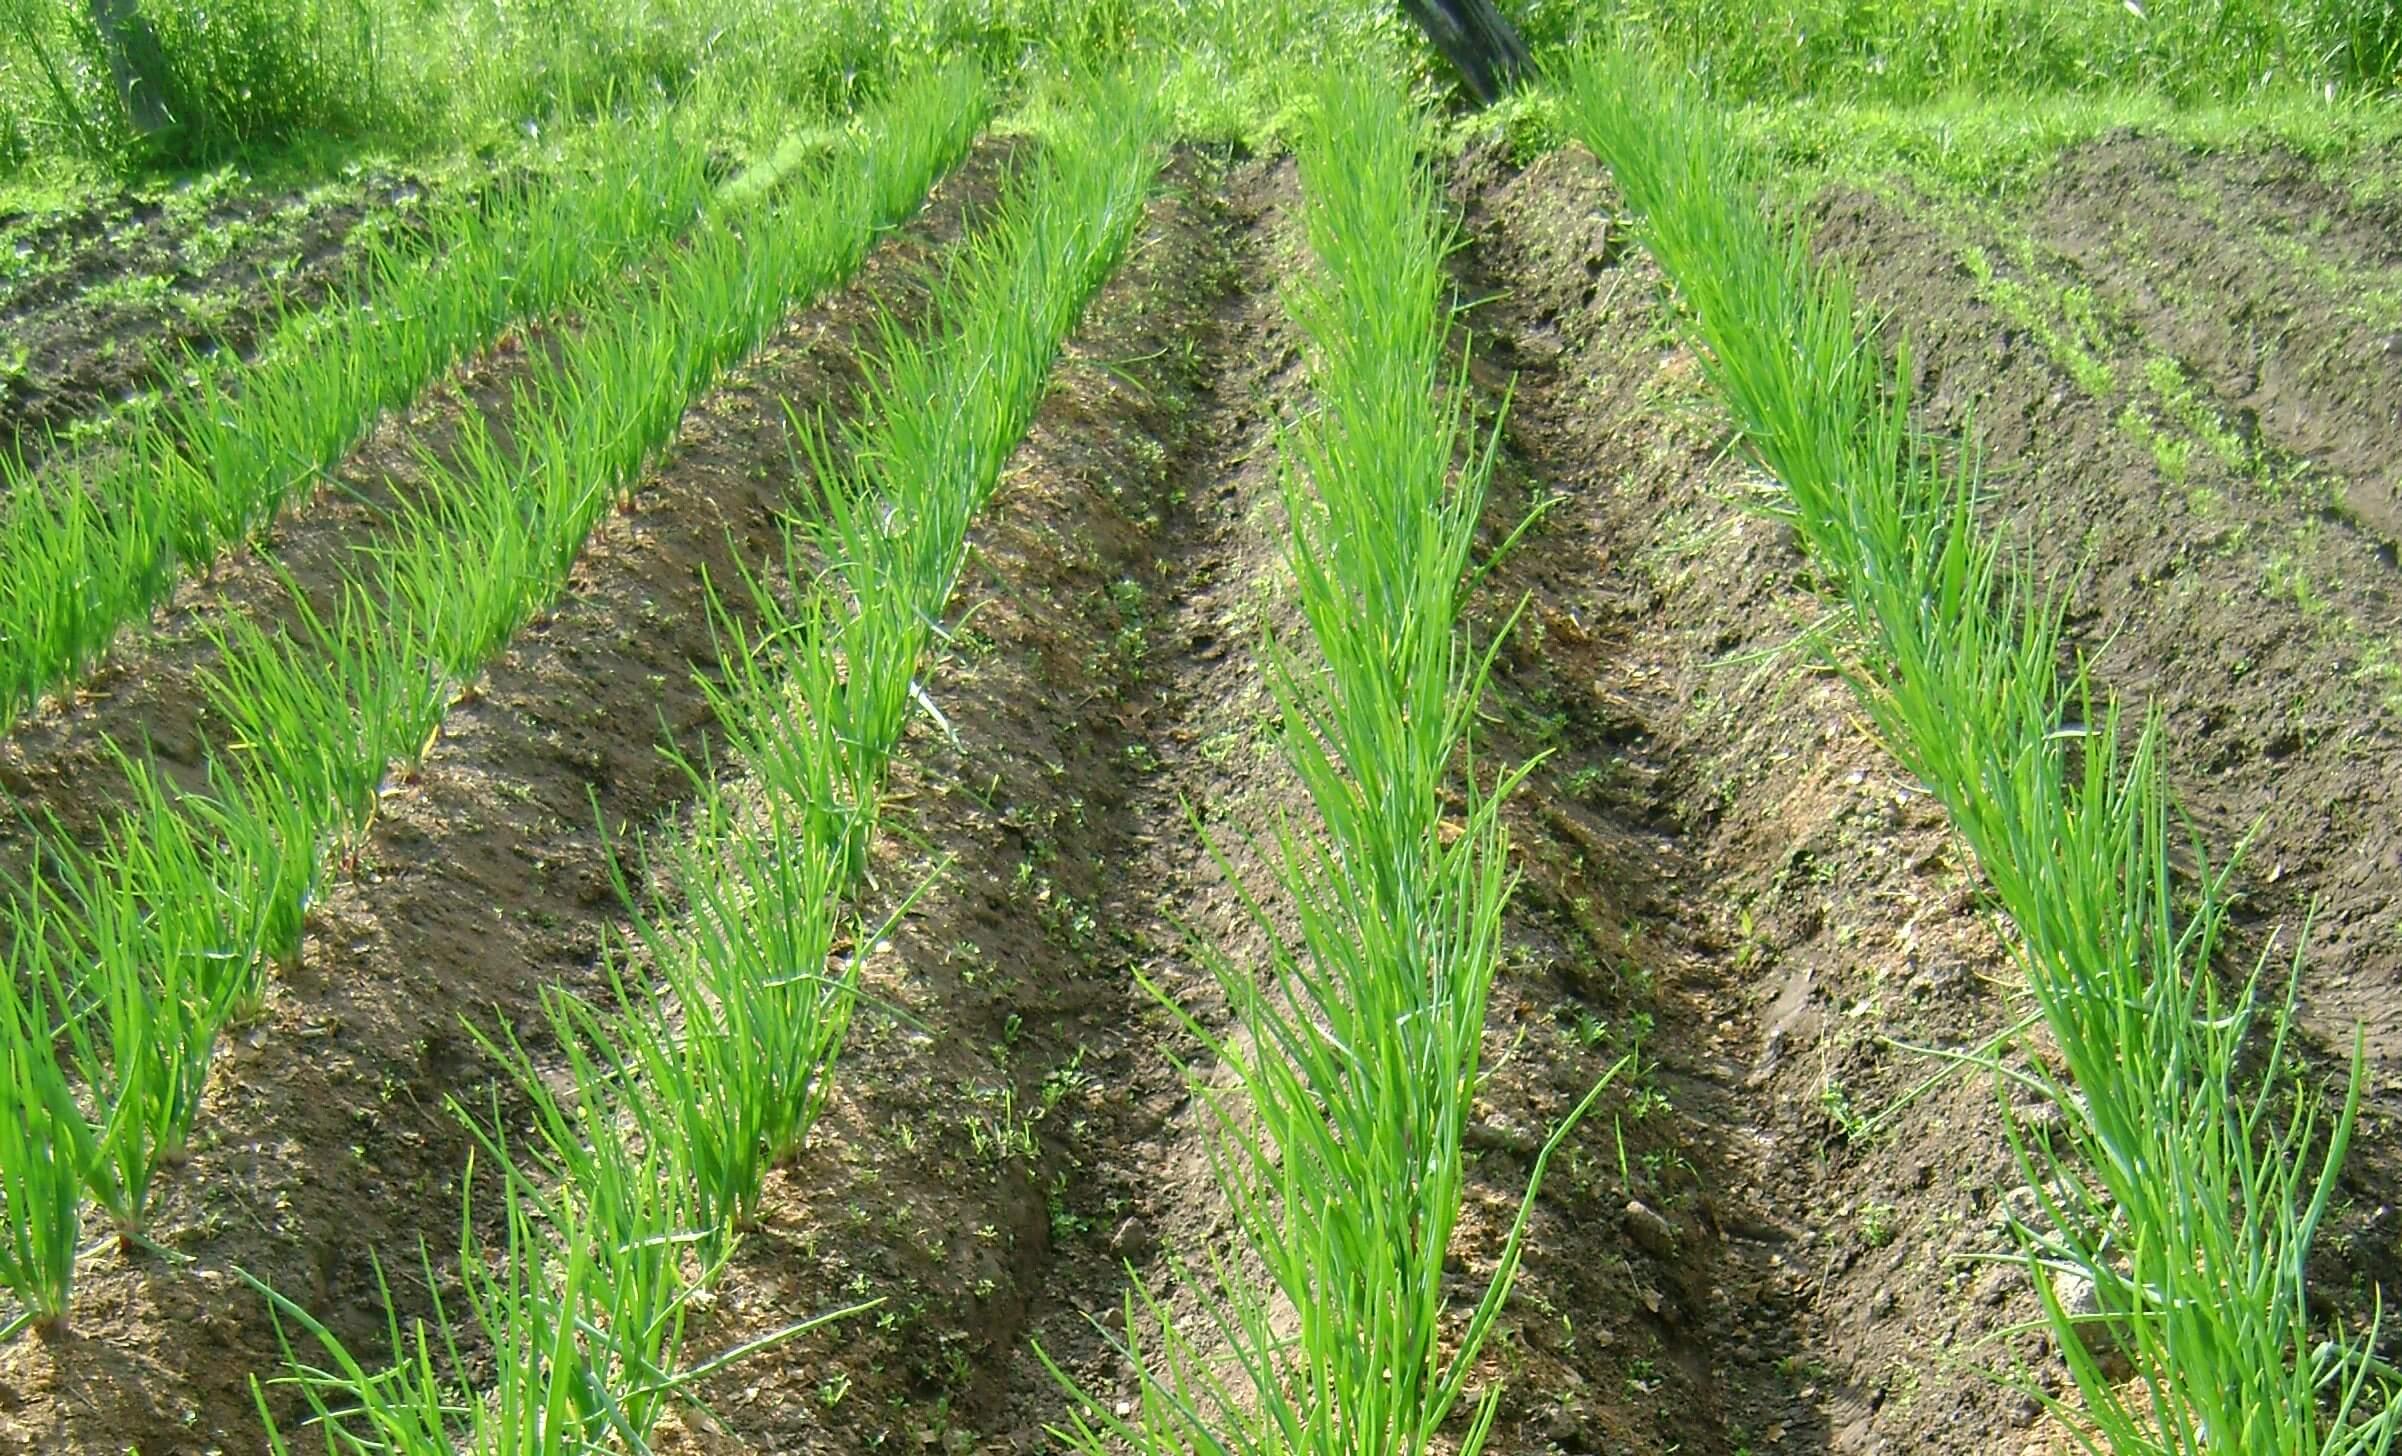 Как правильно посадить лук - нюансы выращивания и ухода для хорошего урожая